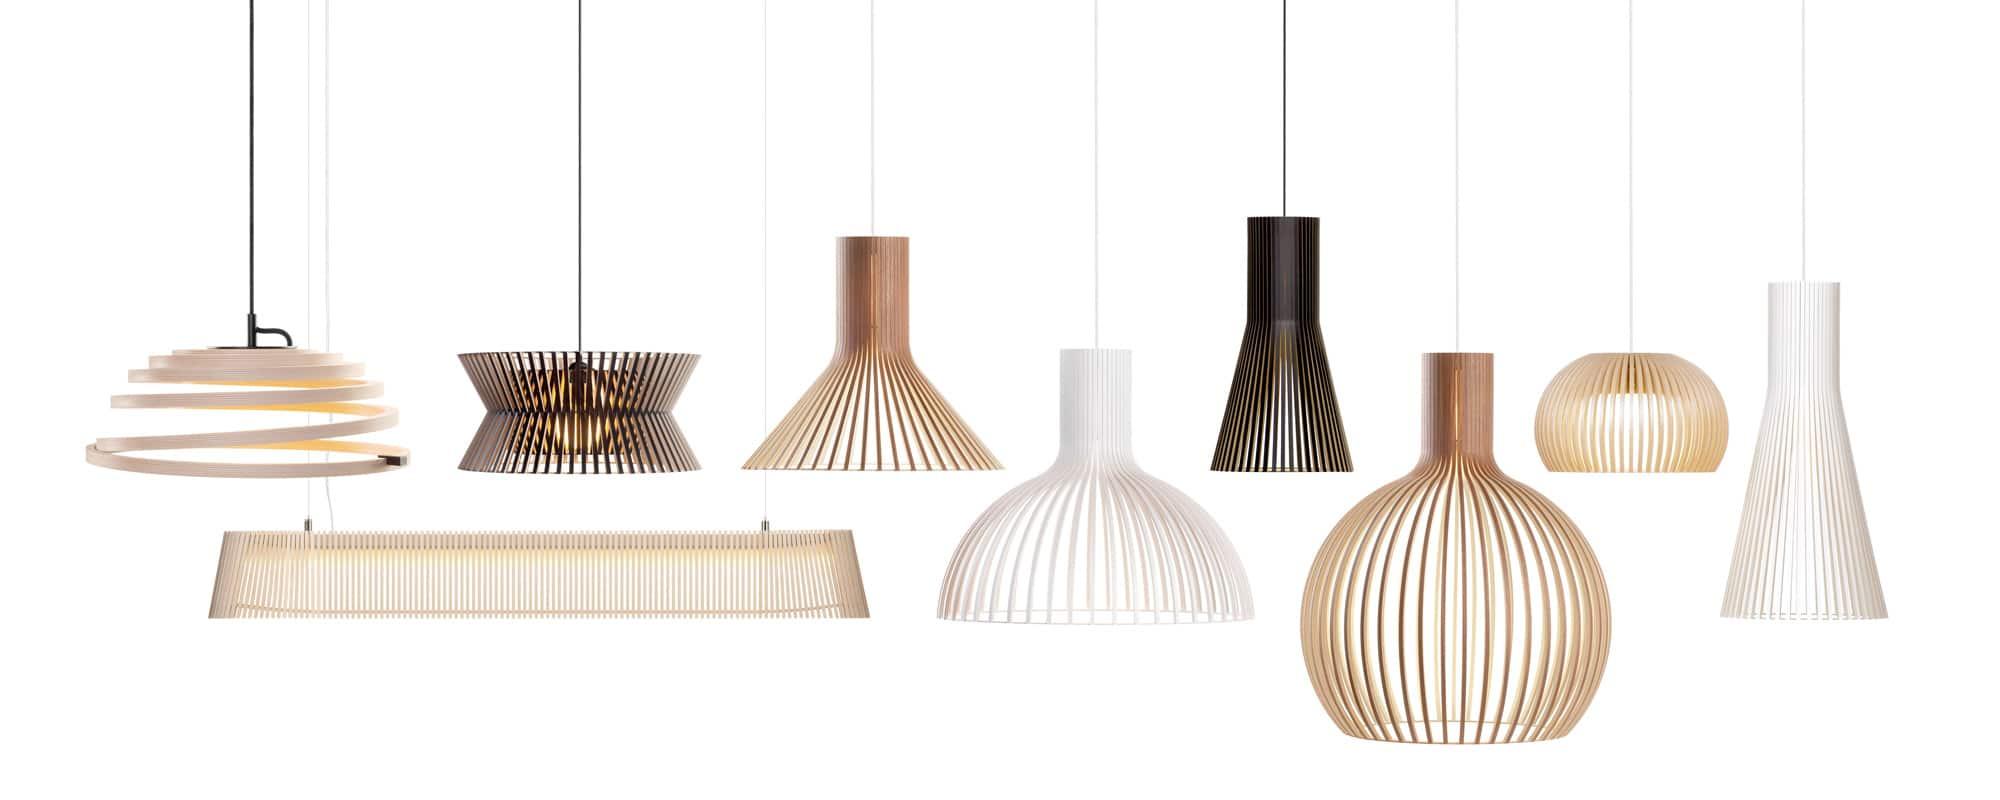 designerlampen aus nachhaltiger produktion lampen leuchten designerleuchten online berlin design. Black Bedroom Furniture Sets. Home Design Ideas